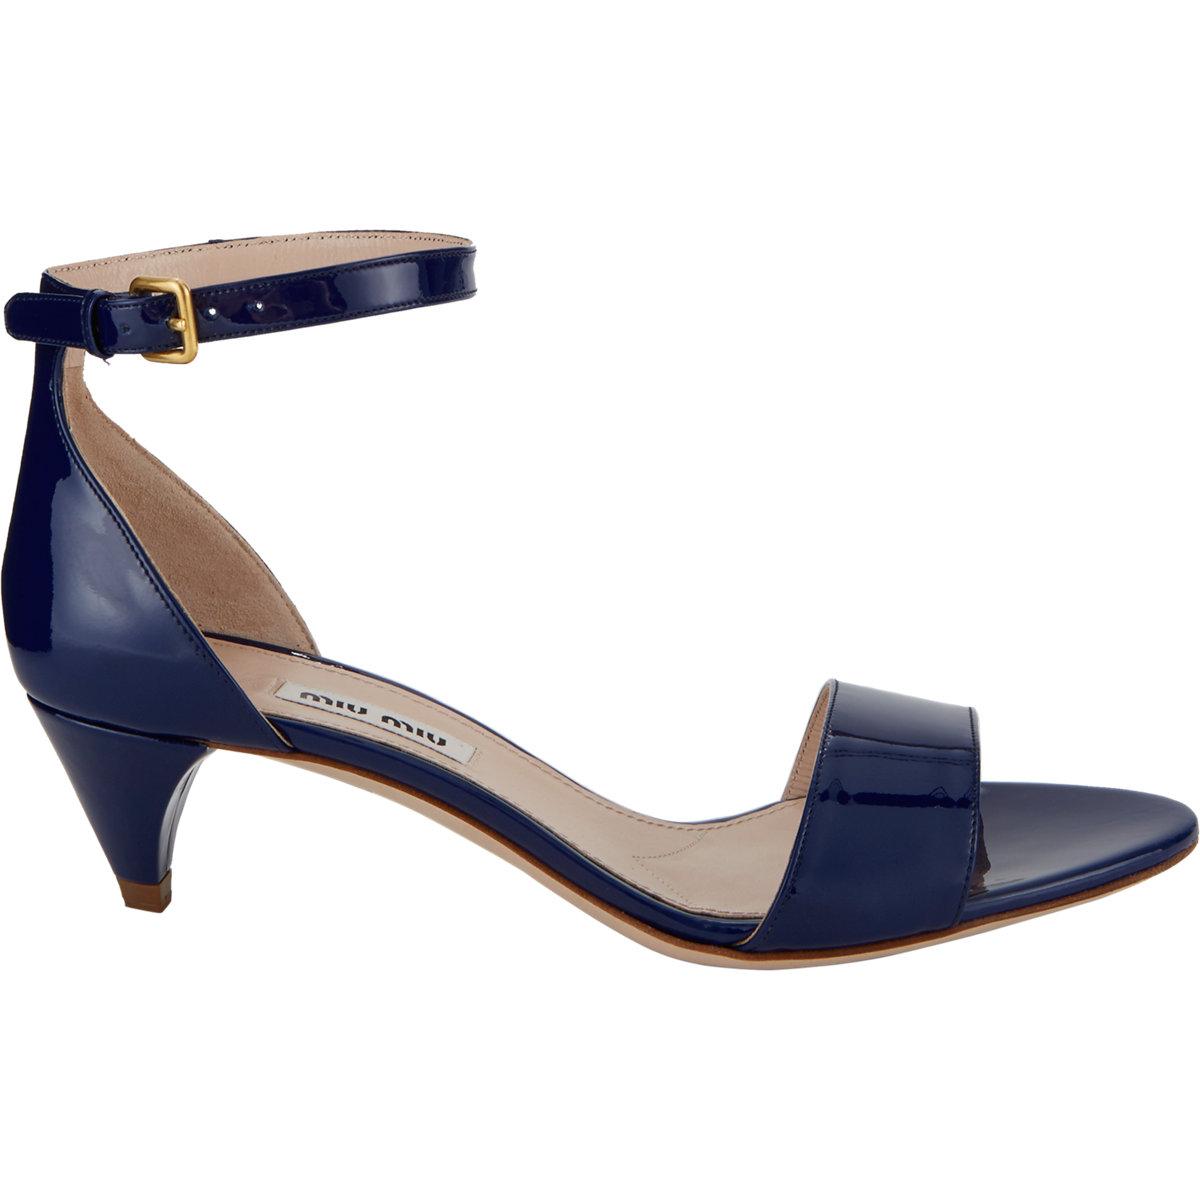 Lyst - Miu Miu Patent Ankle-Strap Sandals in Blue